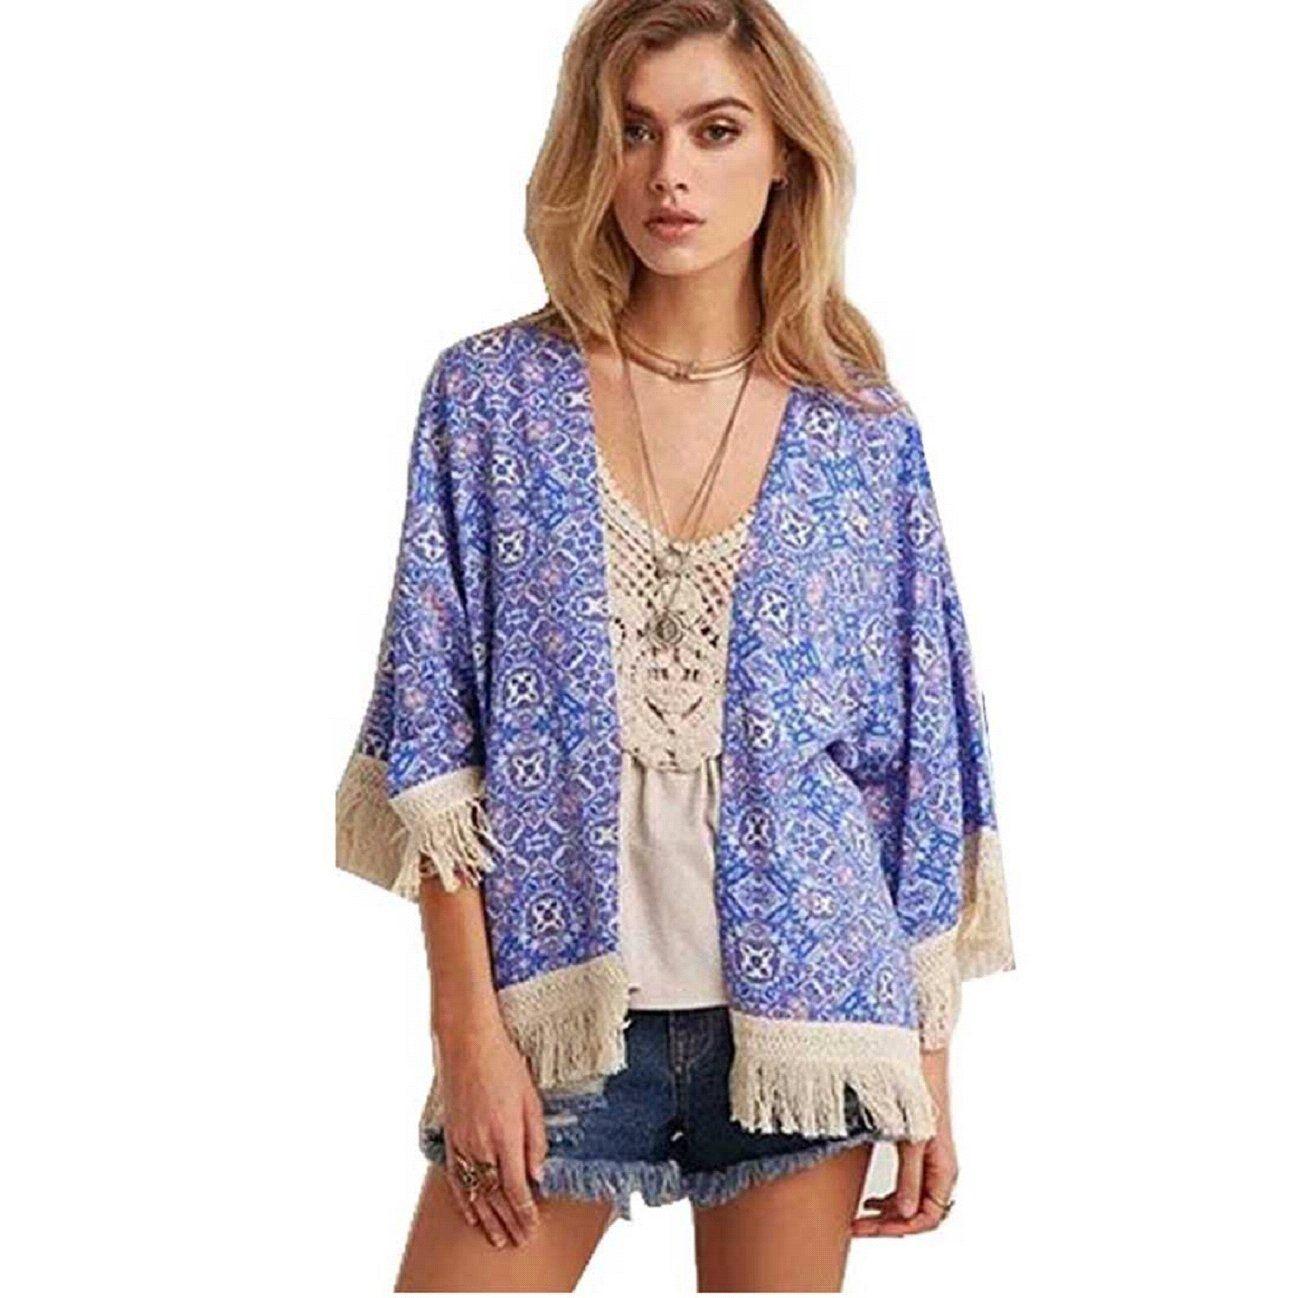 Amazon.com: Tonsee Women's Chiffon Cardigan Tassel Shawl Kimono ...